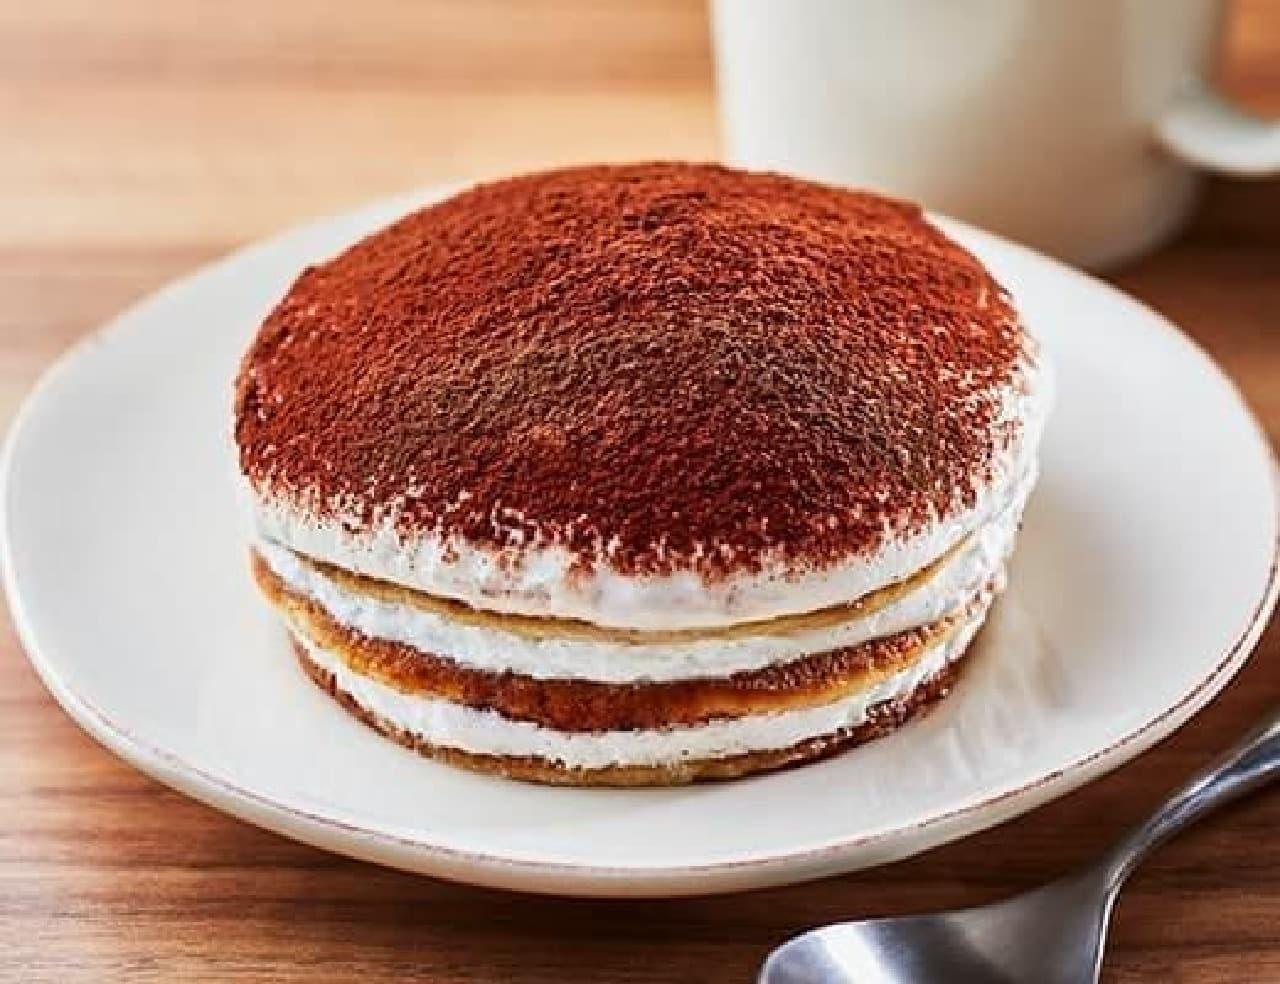 ローソン「ティラミス仕立てのクリームパンケーキ」